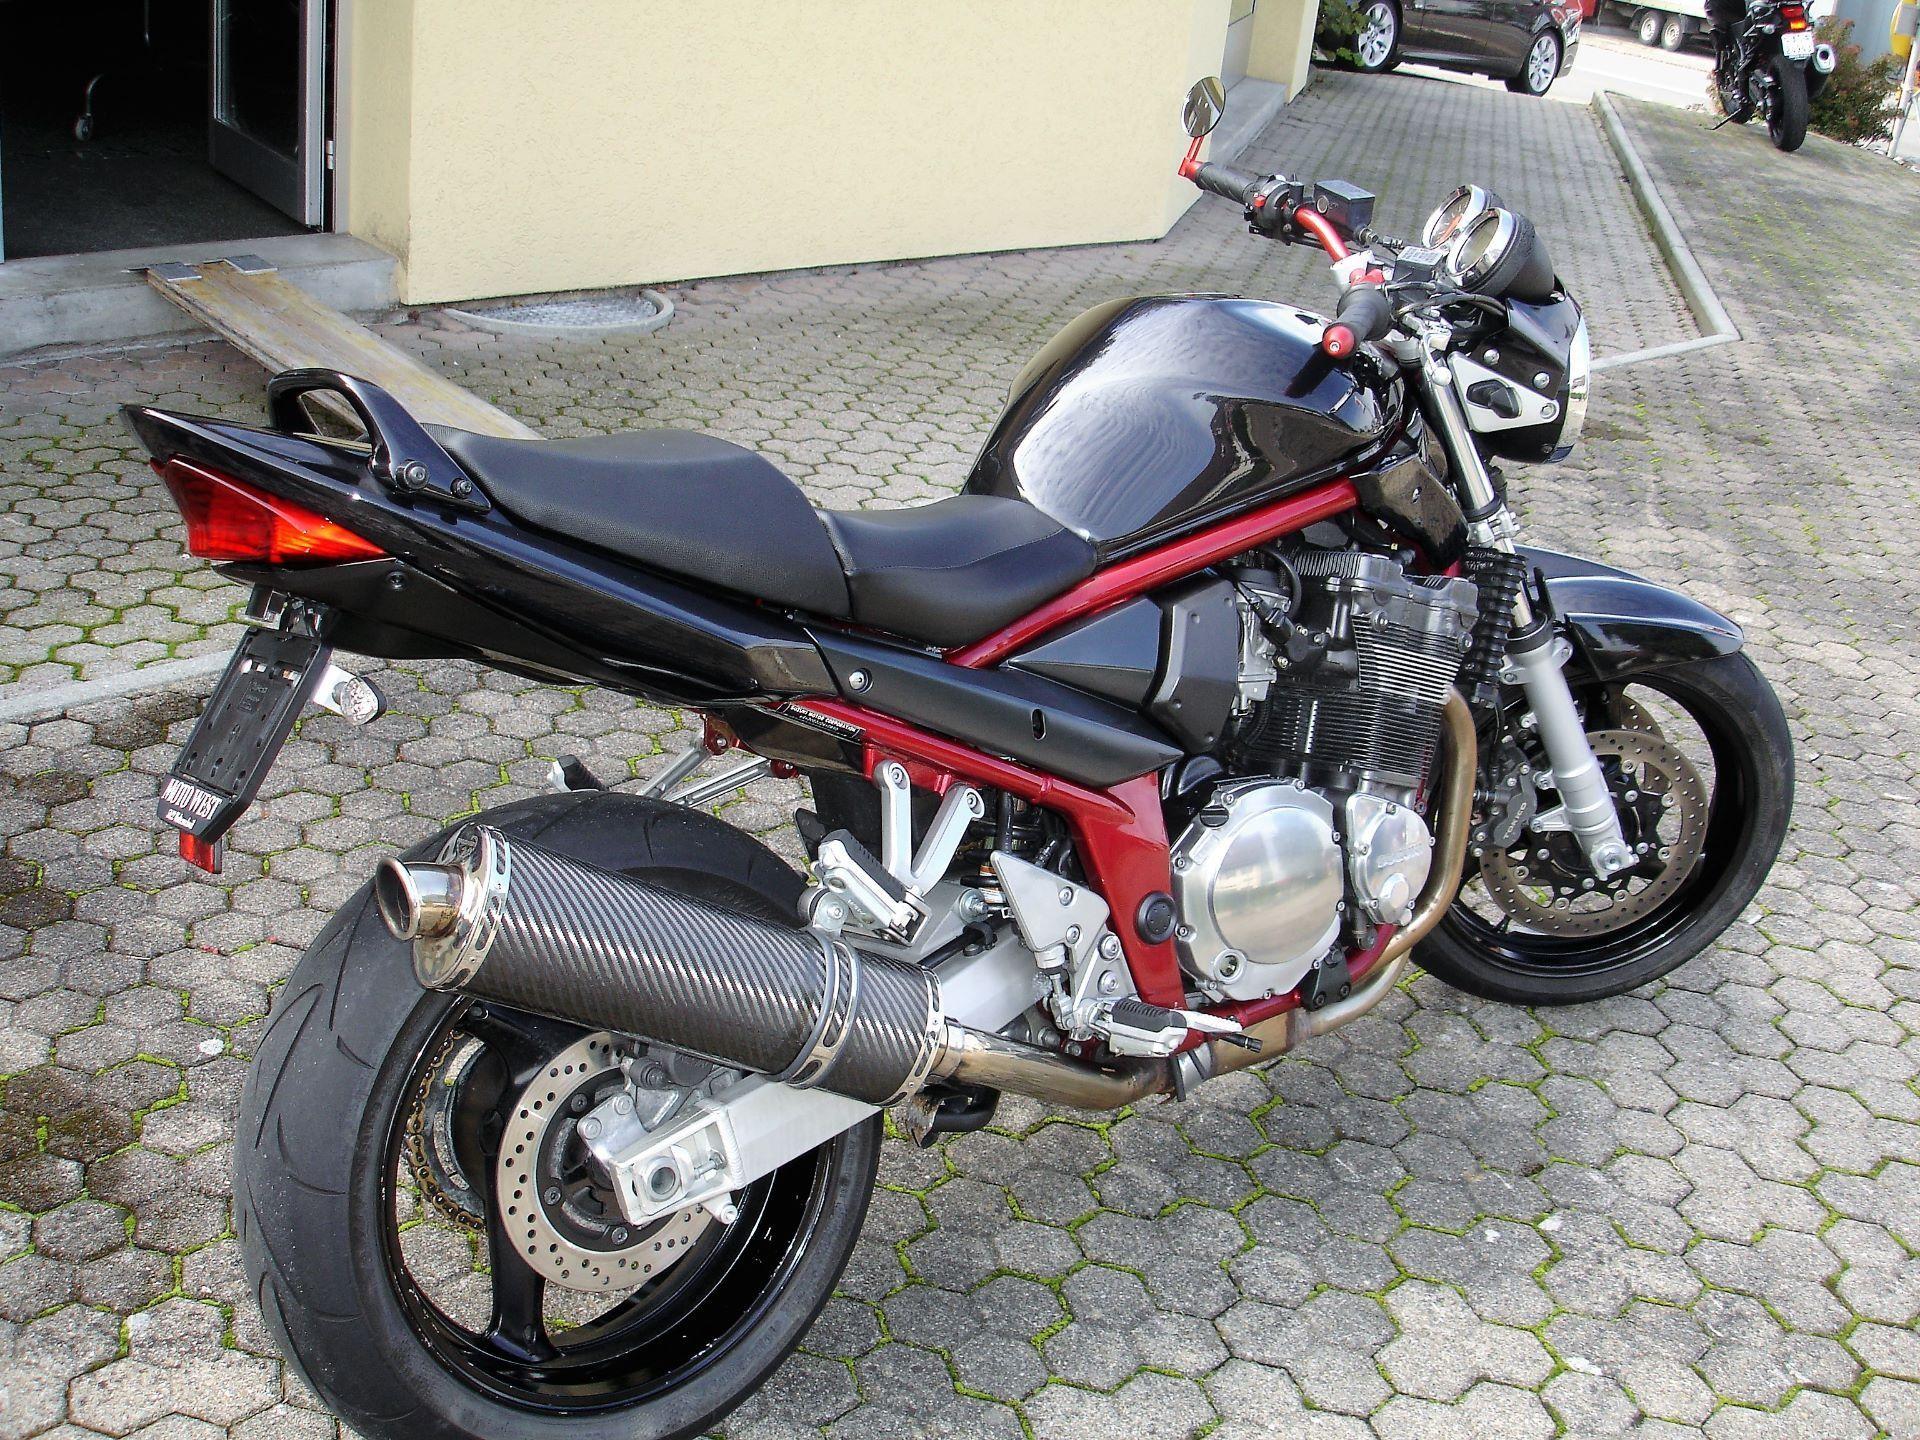 motorrad occasion kaufen suzuki gsf 1200 bandit moto west waltenschwil. Black Bedroom Furniture Sets. Home Design Ideas